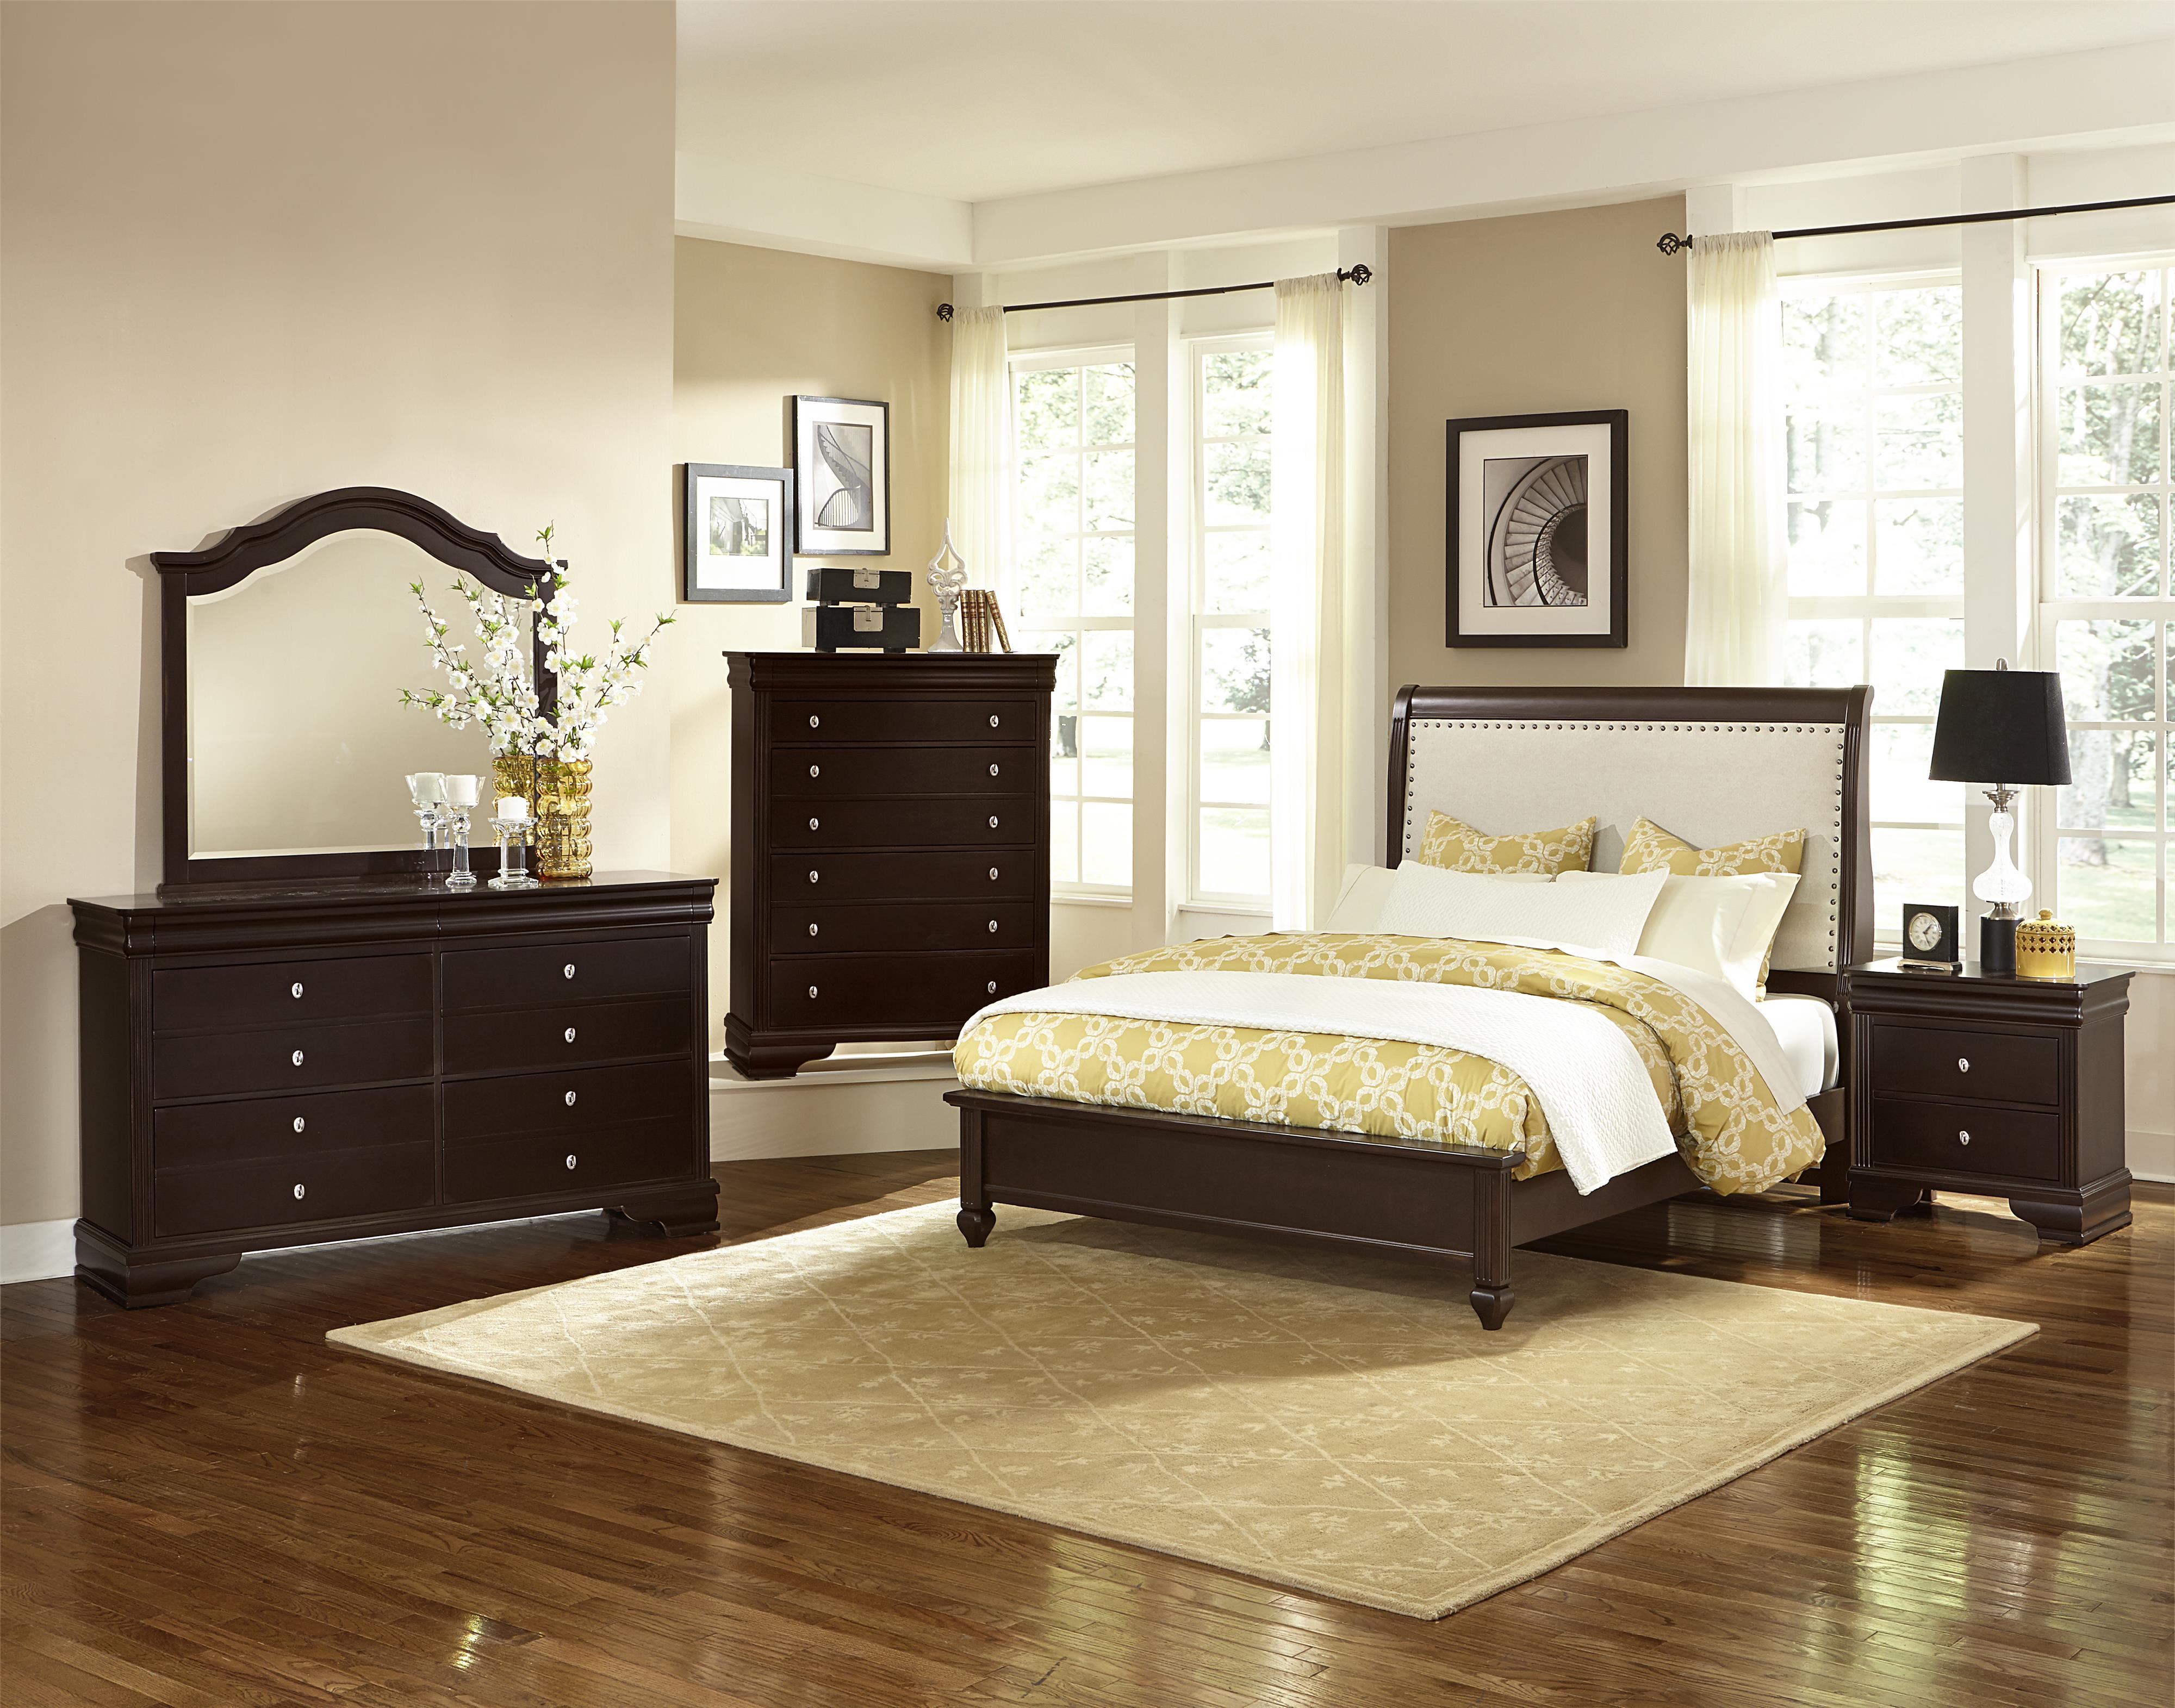 vaughan bassett french market queen bedroom group olinde 39 s furniture bedroom groups. Black Bedroom Furniture Sets. Home Design Ideas